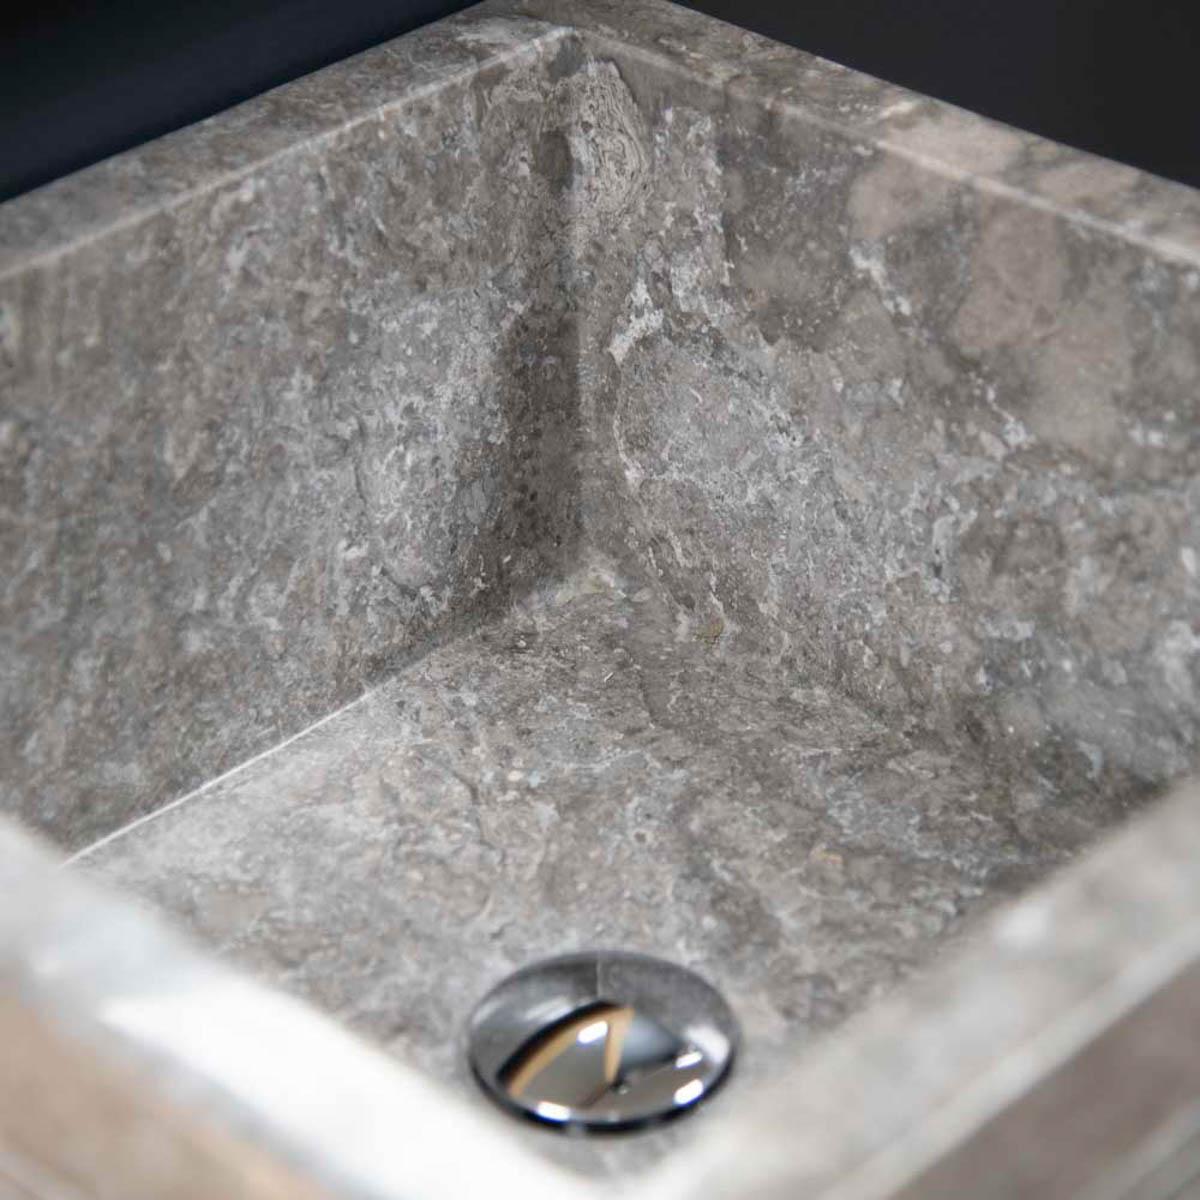 Salle de bain pierre grise avec haute qualité images ~ goohey.com